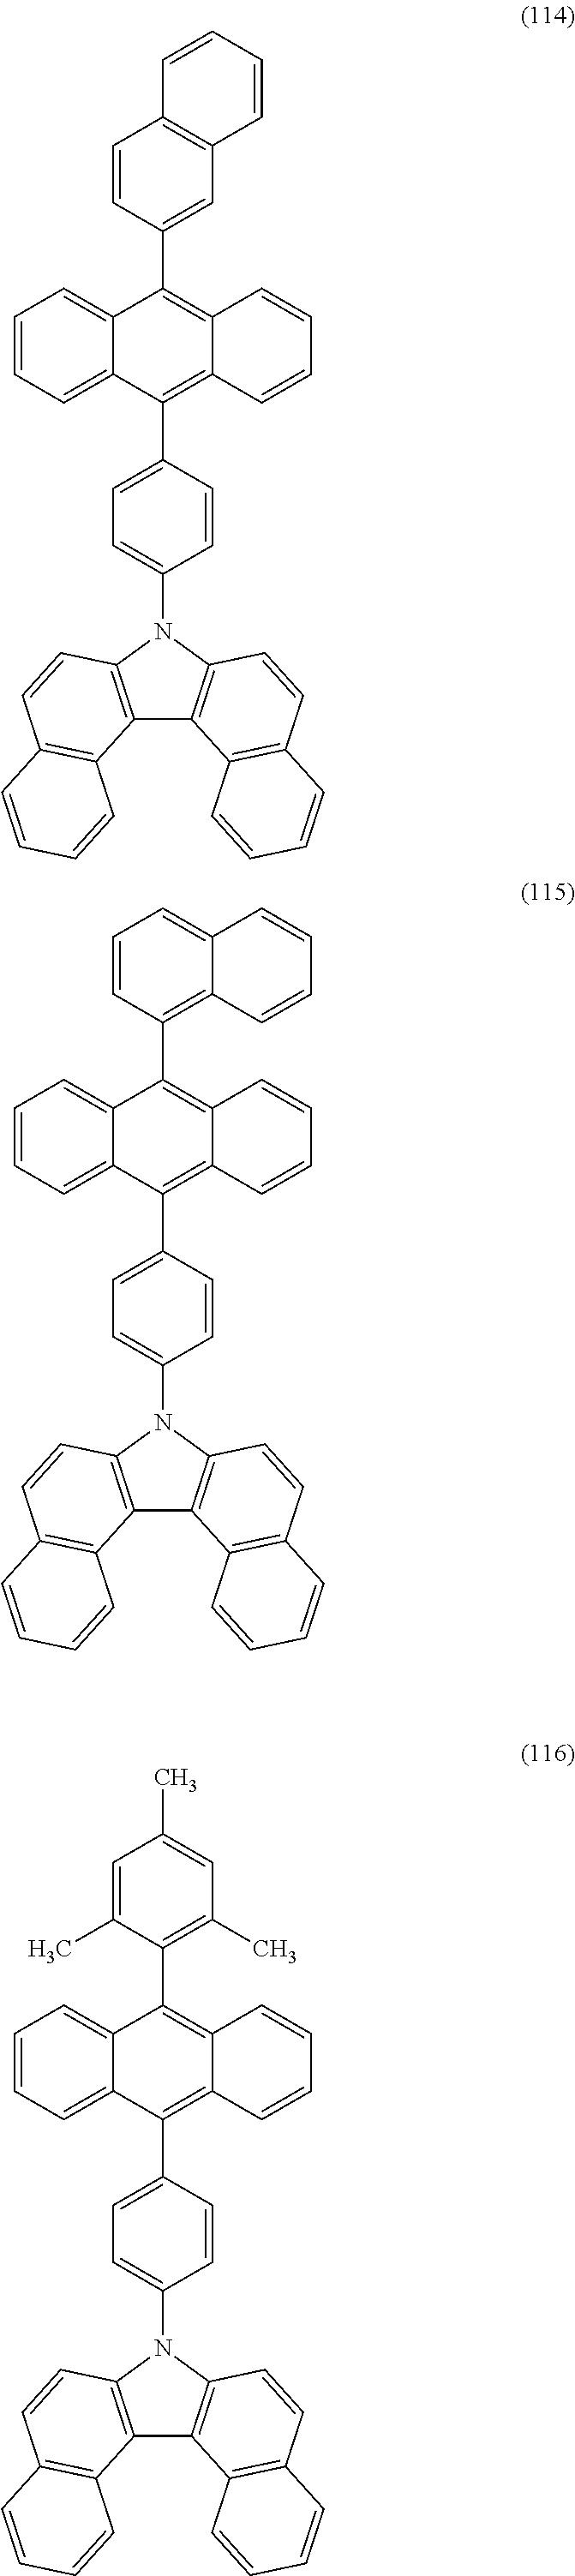 Figure US20130020561A1-20130124-C00048